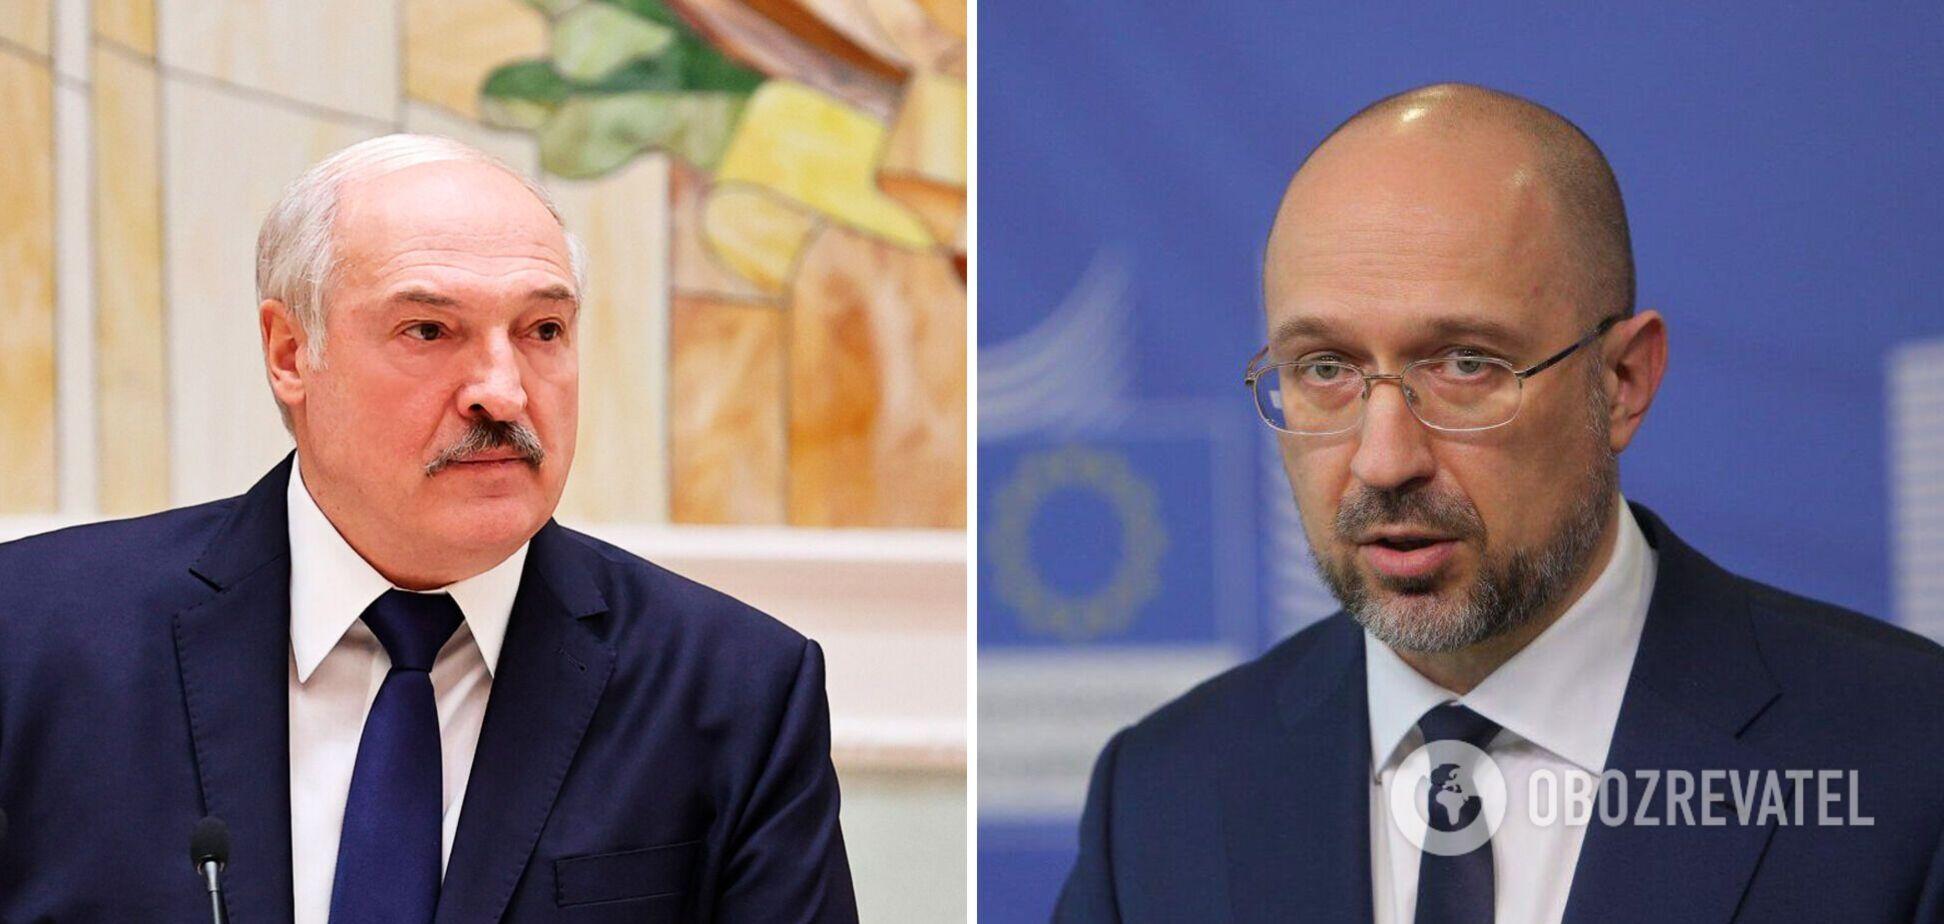 Шмыгаль поручил министерствам рассмотреть санкции против Лукашенко